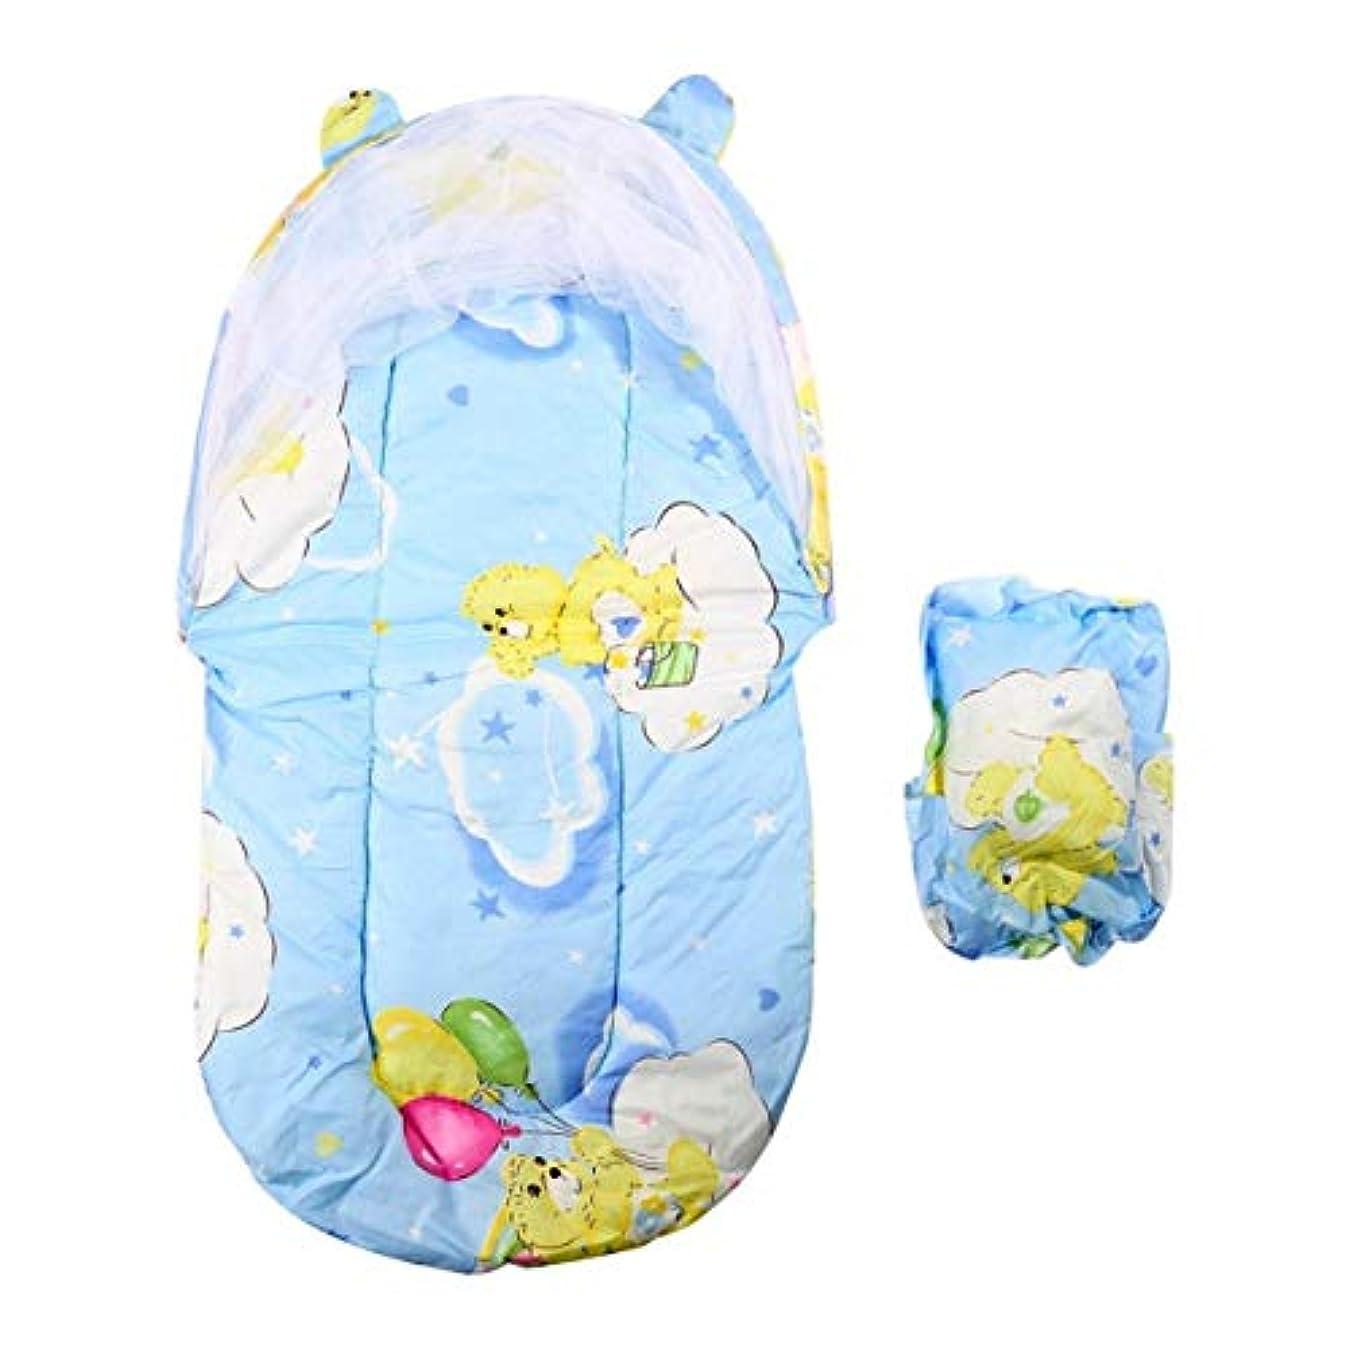 ごみ追加成長Saikogoods 折り畳み式の新しい赤ん坊の綿パッド入りマットレス幼児枕ベッド蚊帳テントはキッズベビーベッドアクセサリーハングドームフロアスタンド 青